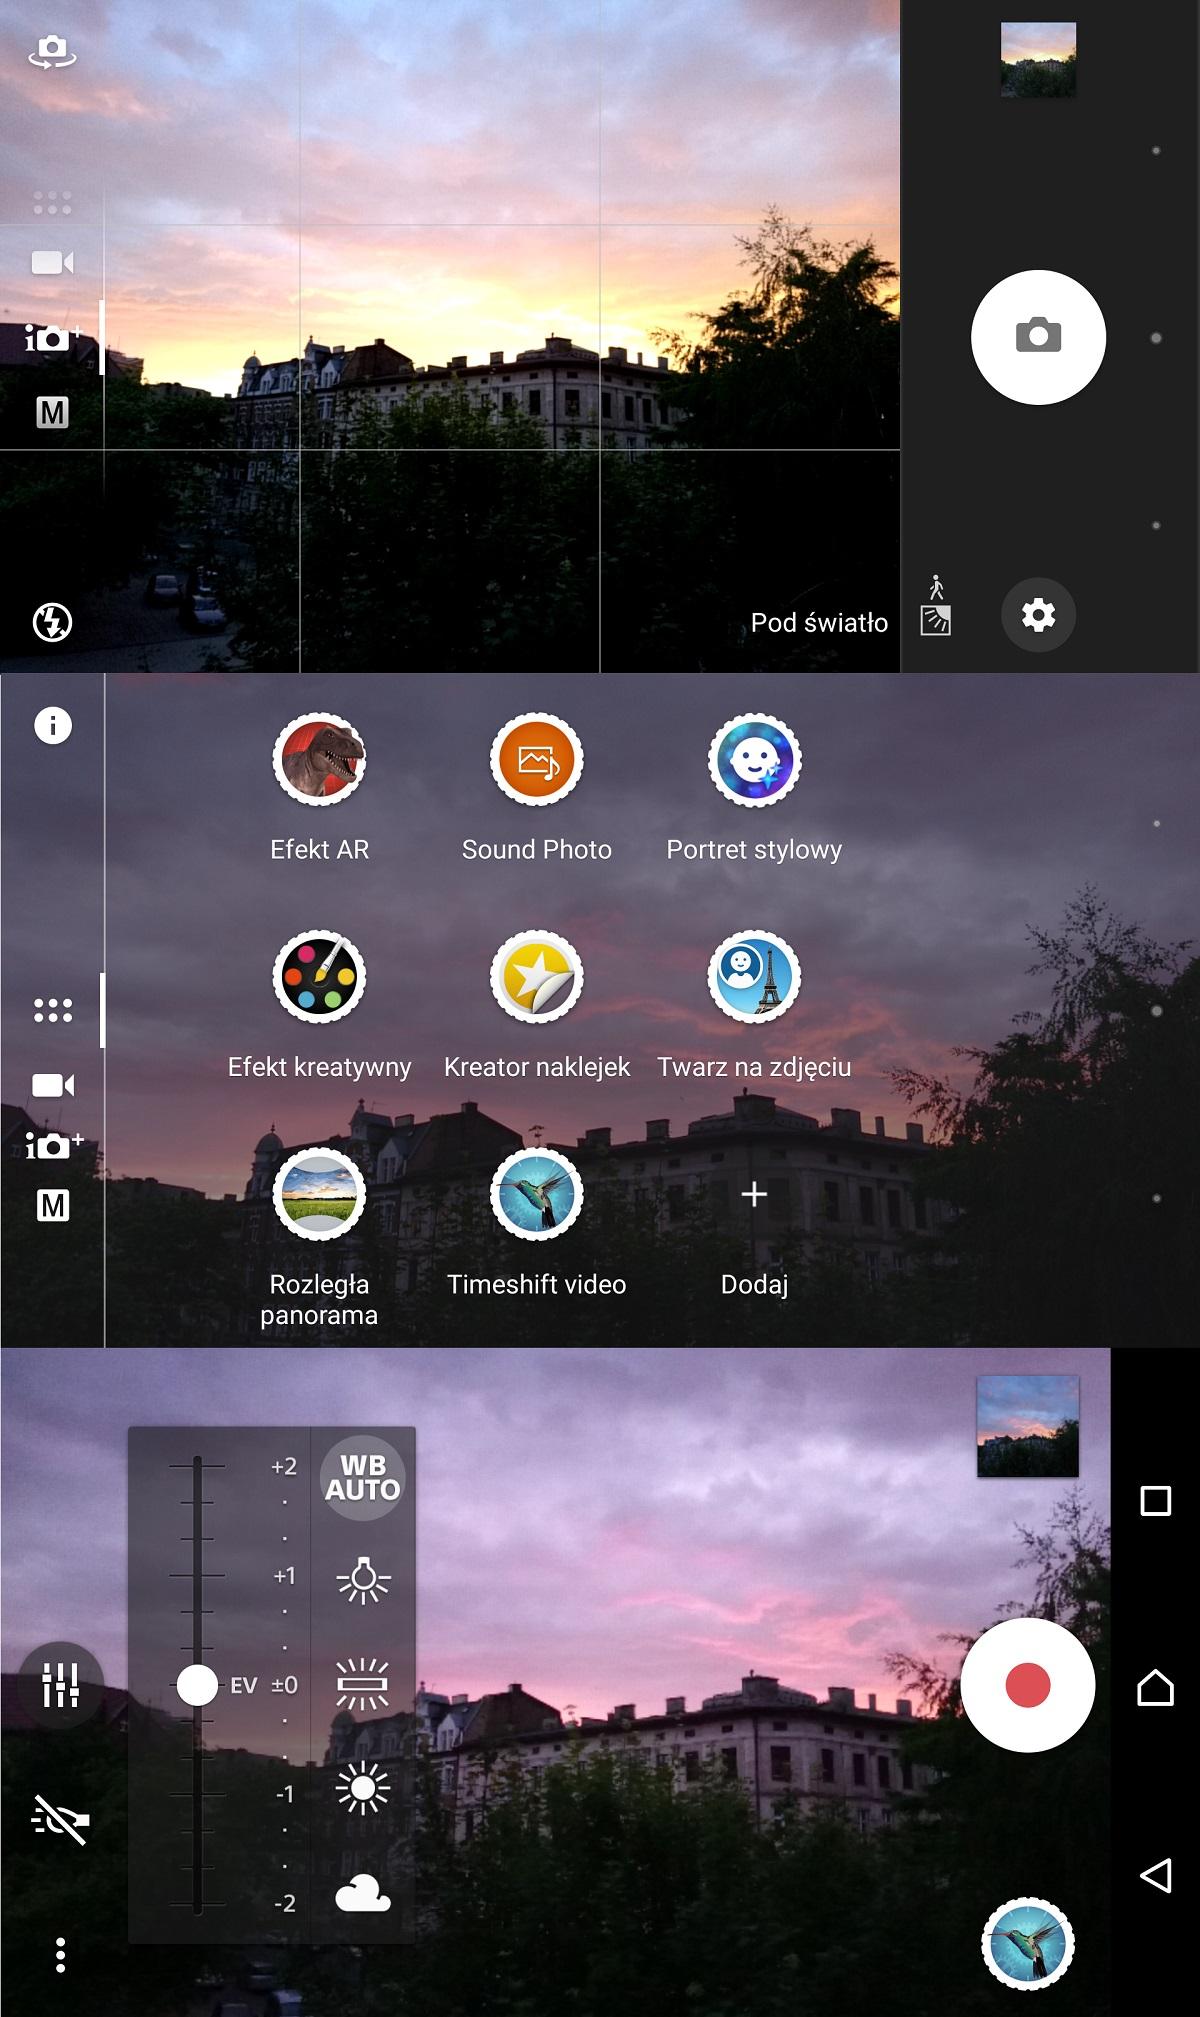 Sony Xperia X (F5121) - wygląd aplikacji Aparatu - recenzja 90sekund.pl